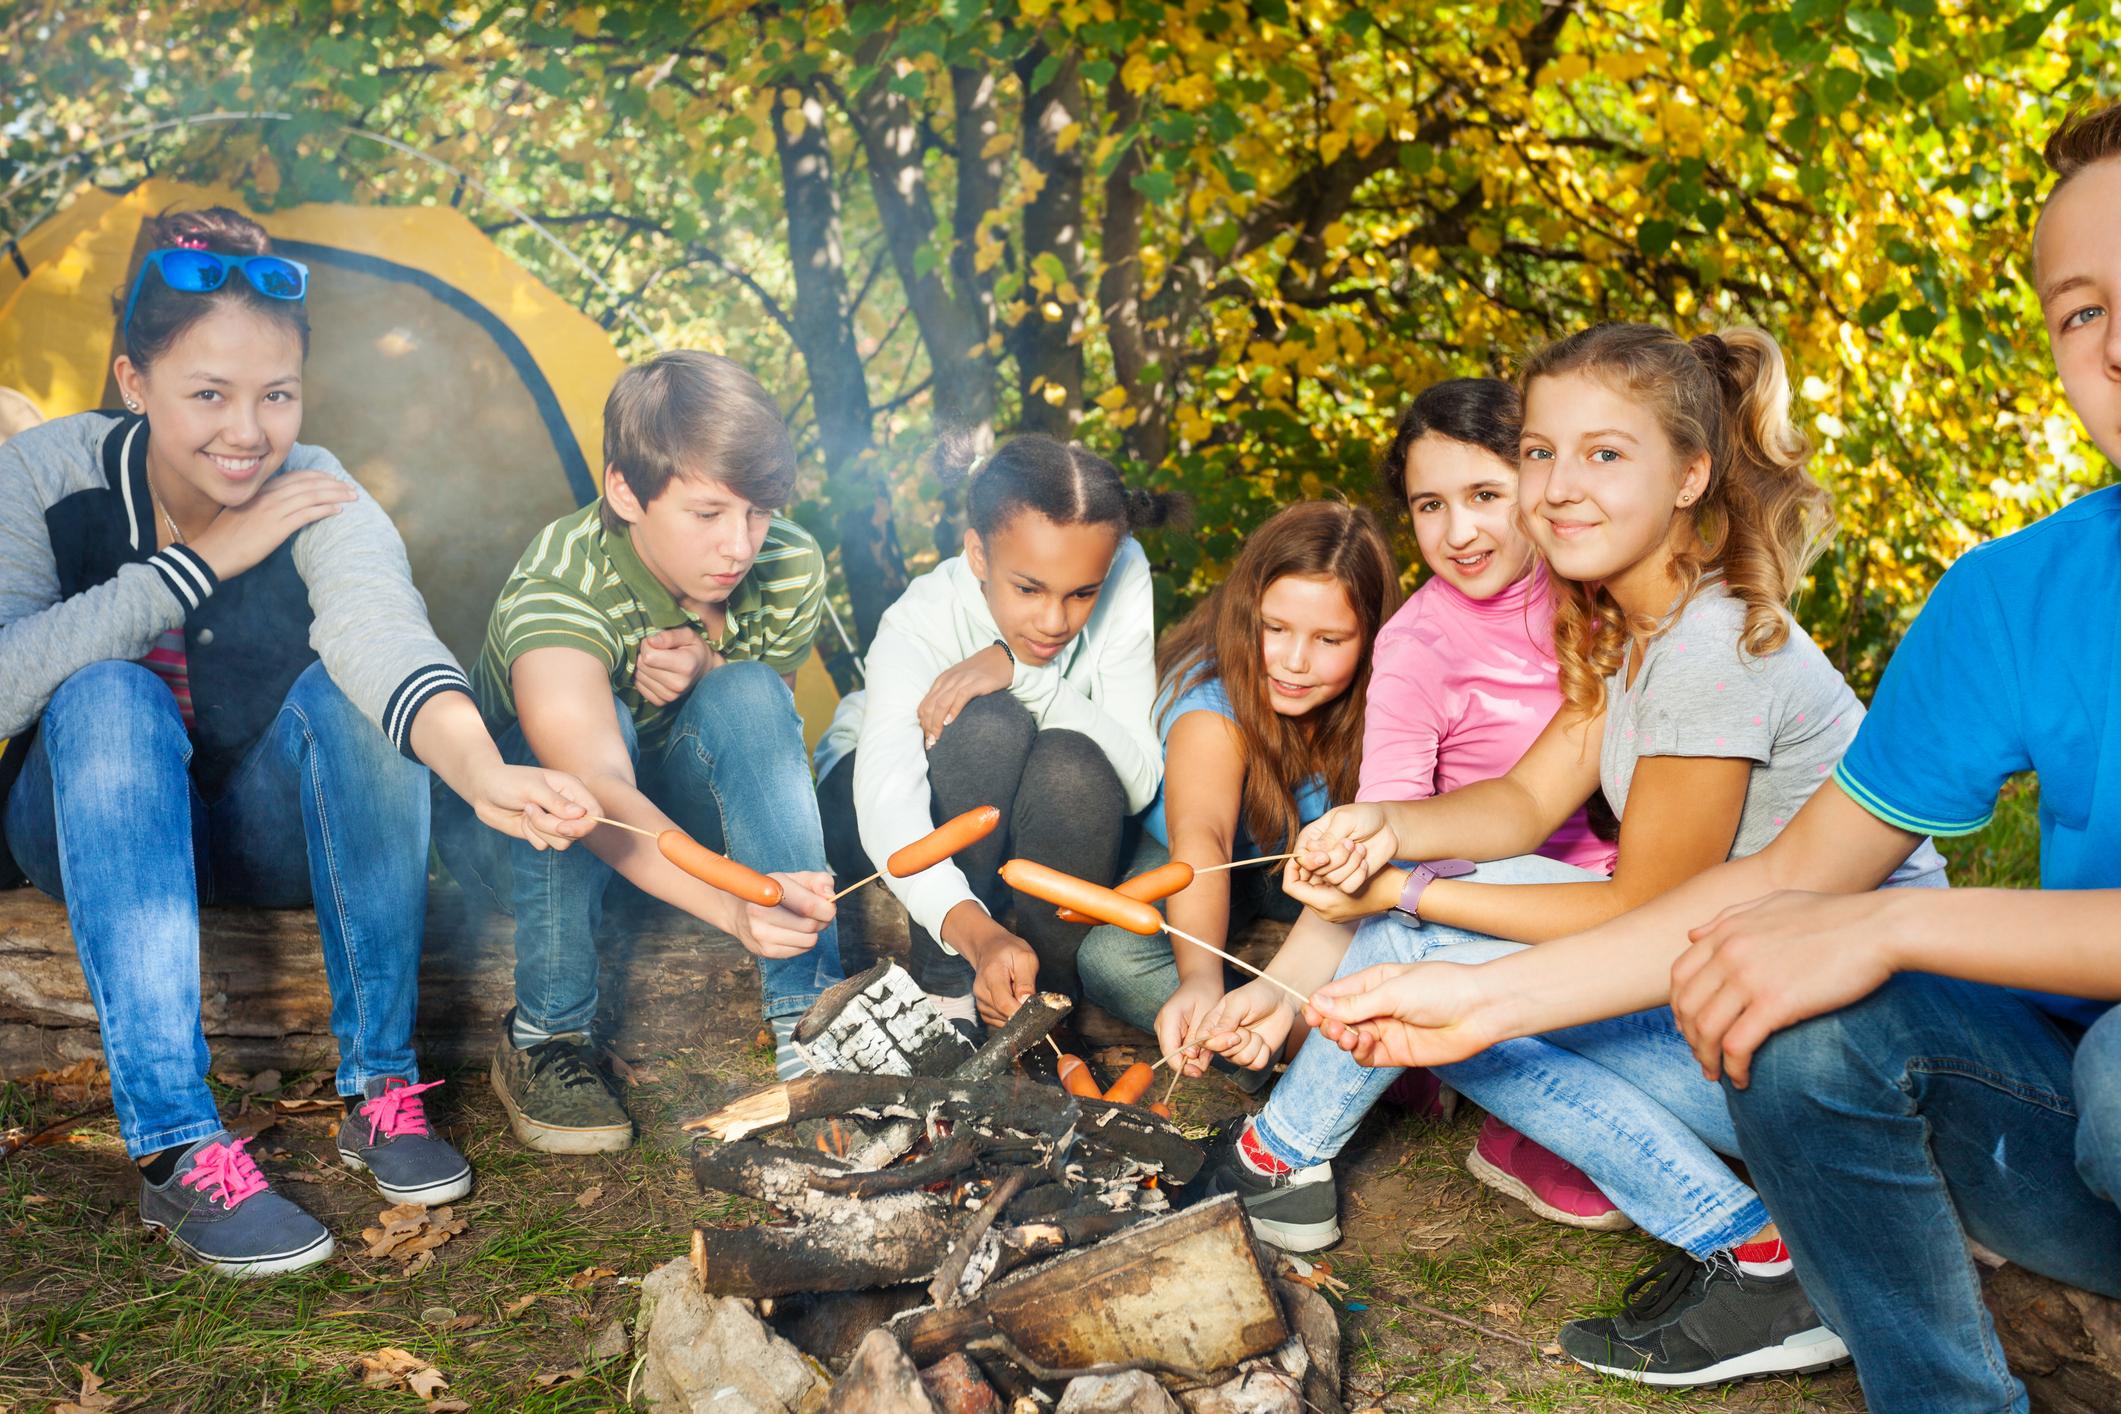 Trois règles d'or pour un camp d'été en toute sécurité